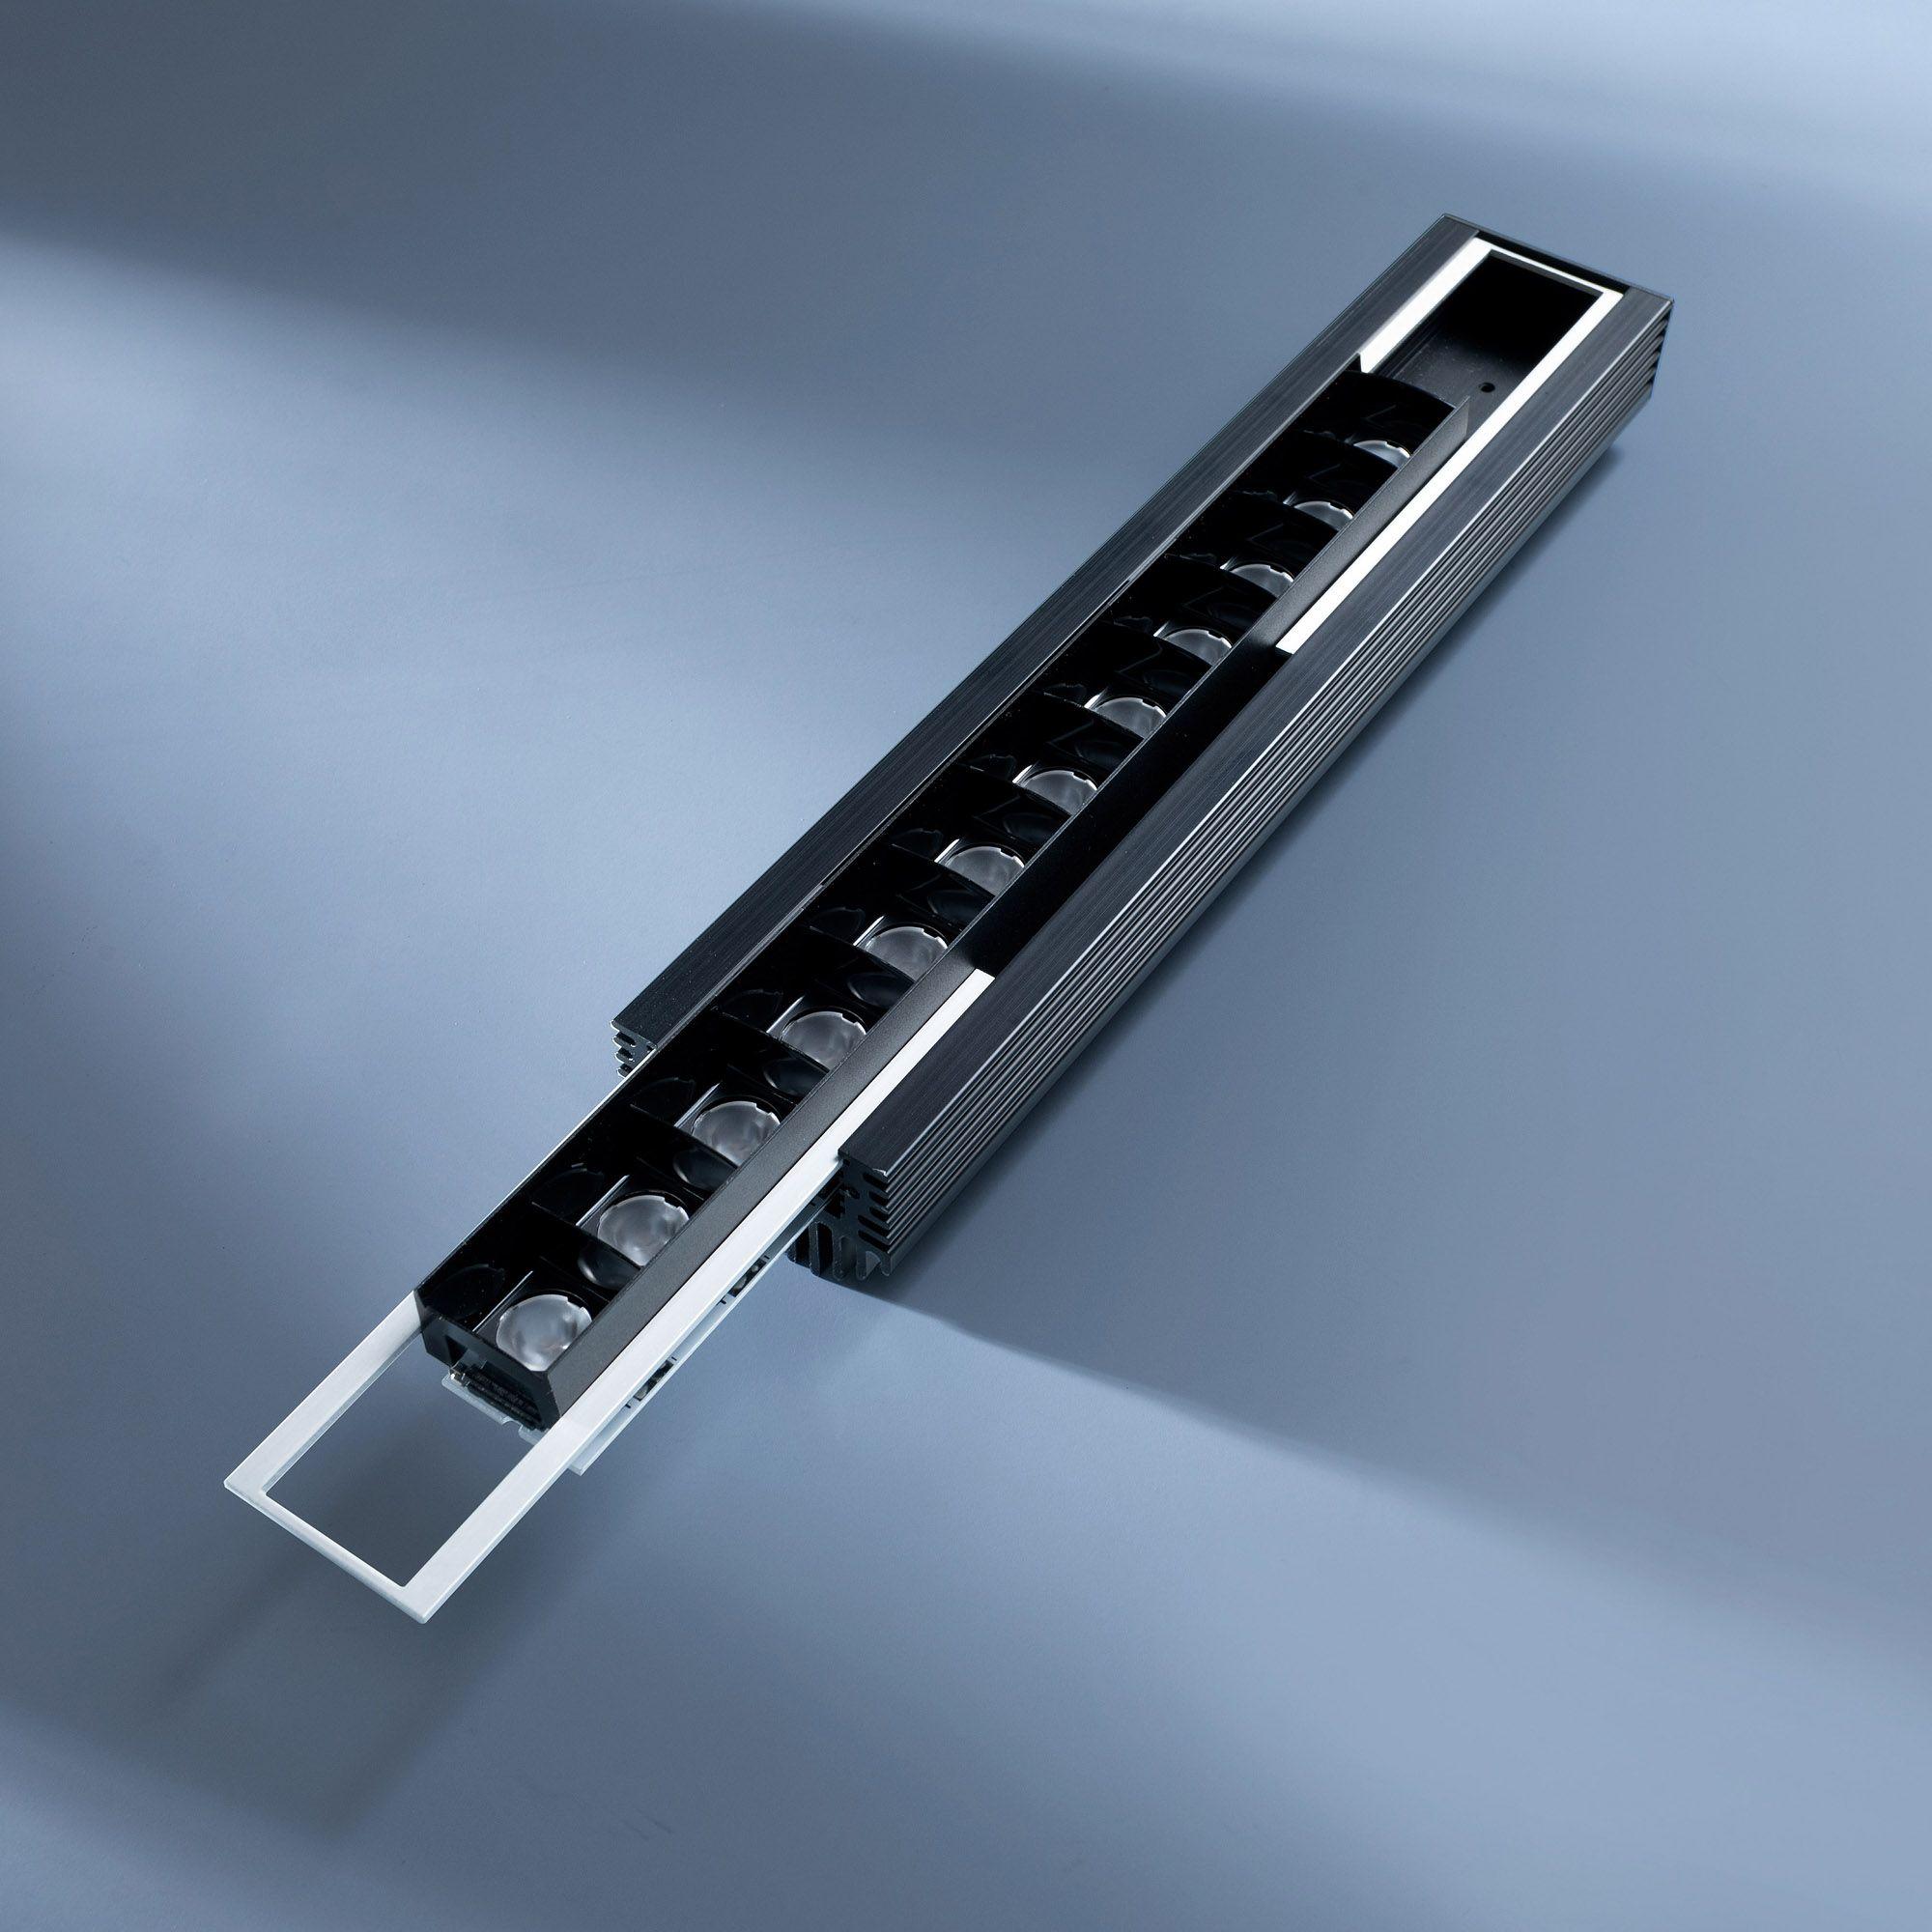 plug in for powerbar v3 heat sink